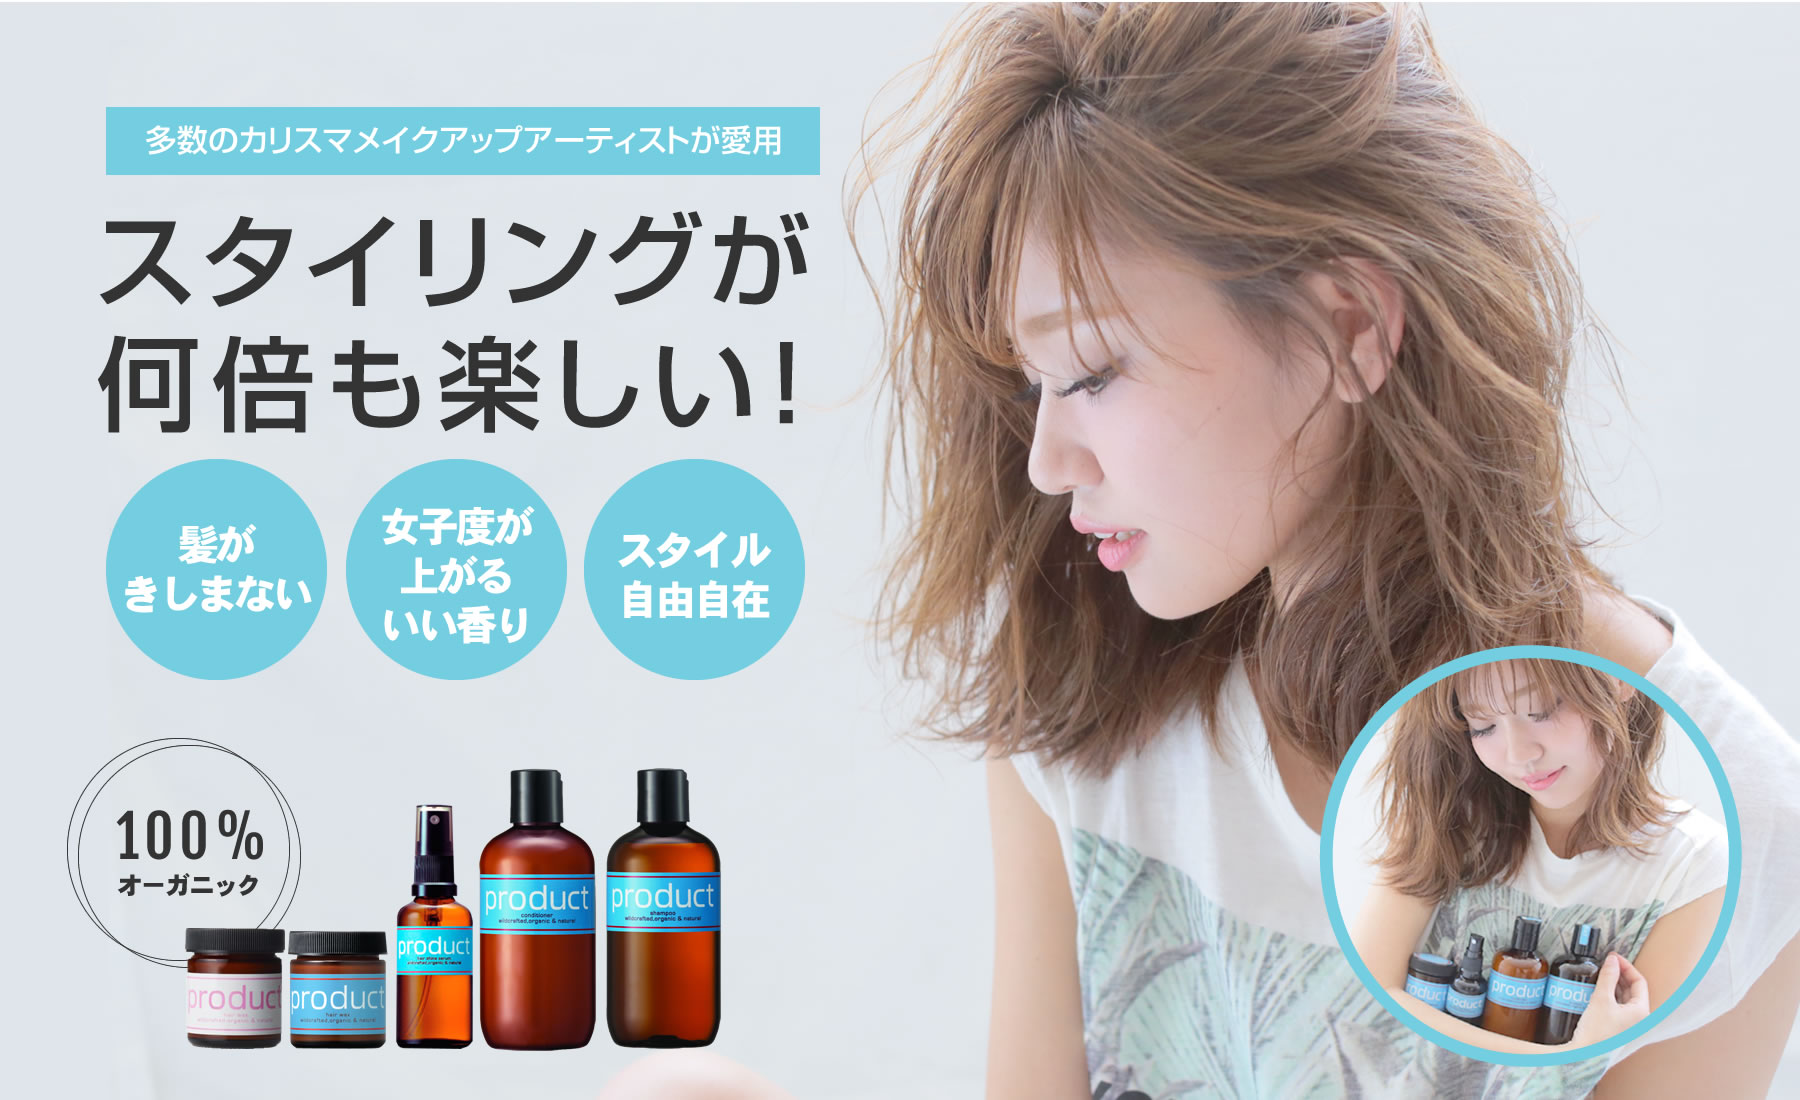 ザ・プロダクト product kokobuy-ココバイ-